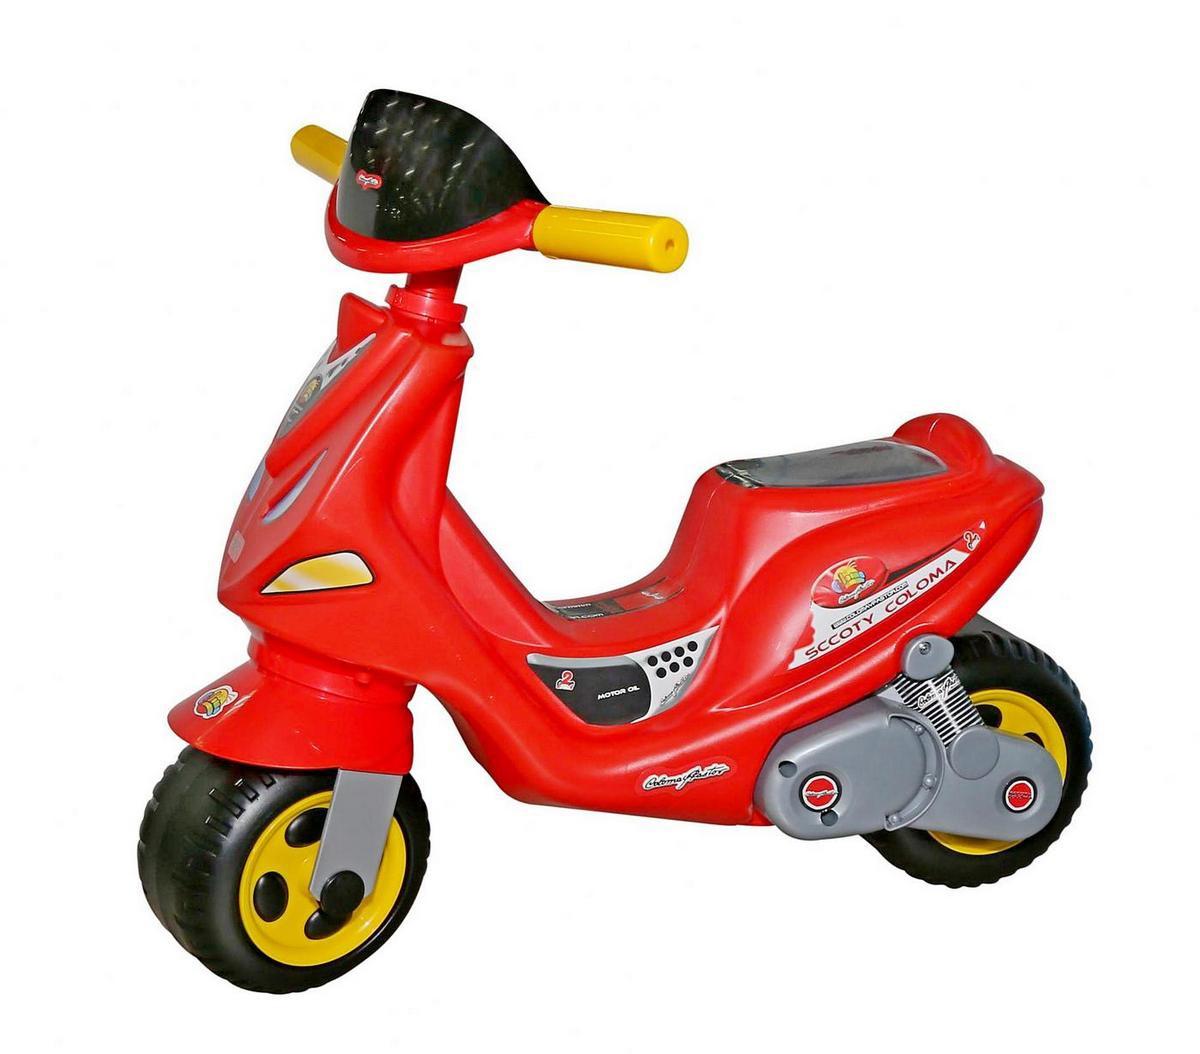 Купить Каталка-скутер Mig Coloma, 4578RT